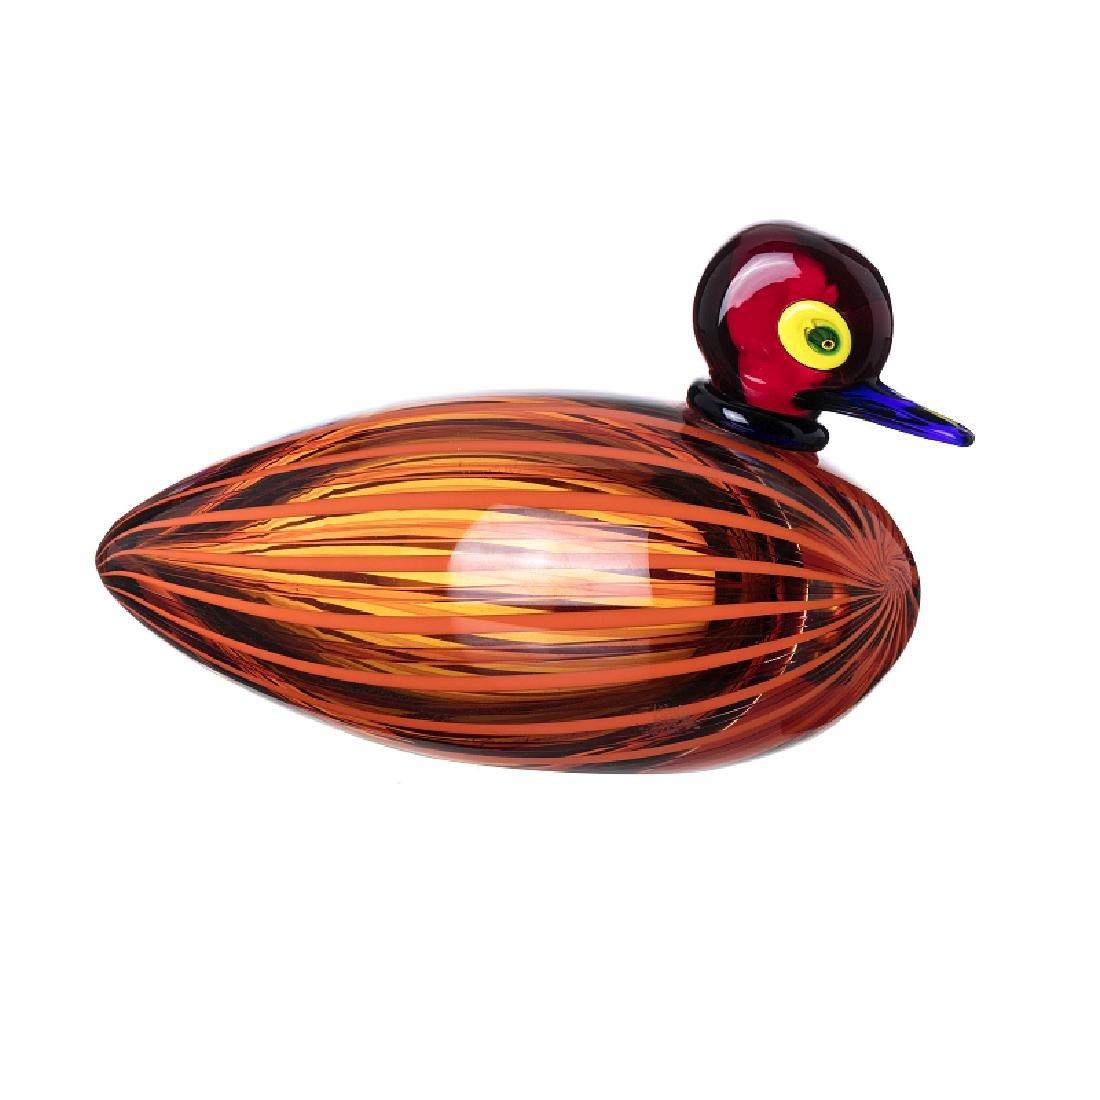 STEFANO TOSO (1958) - 'Duck' in Murano glass